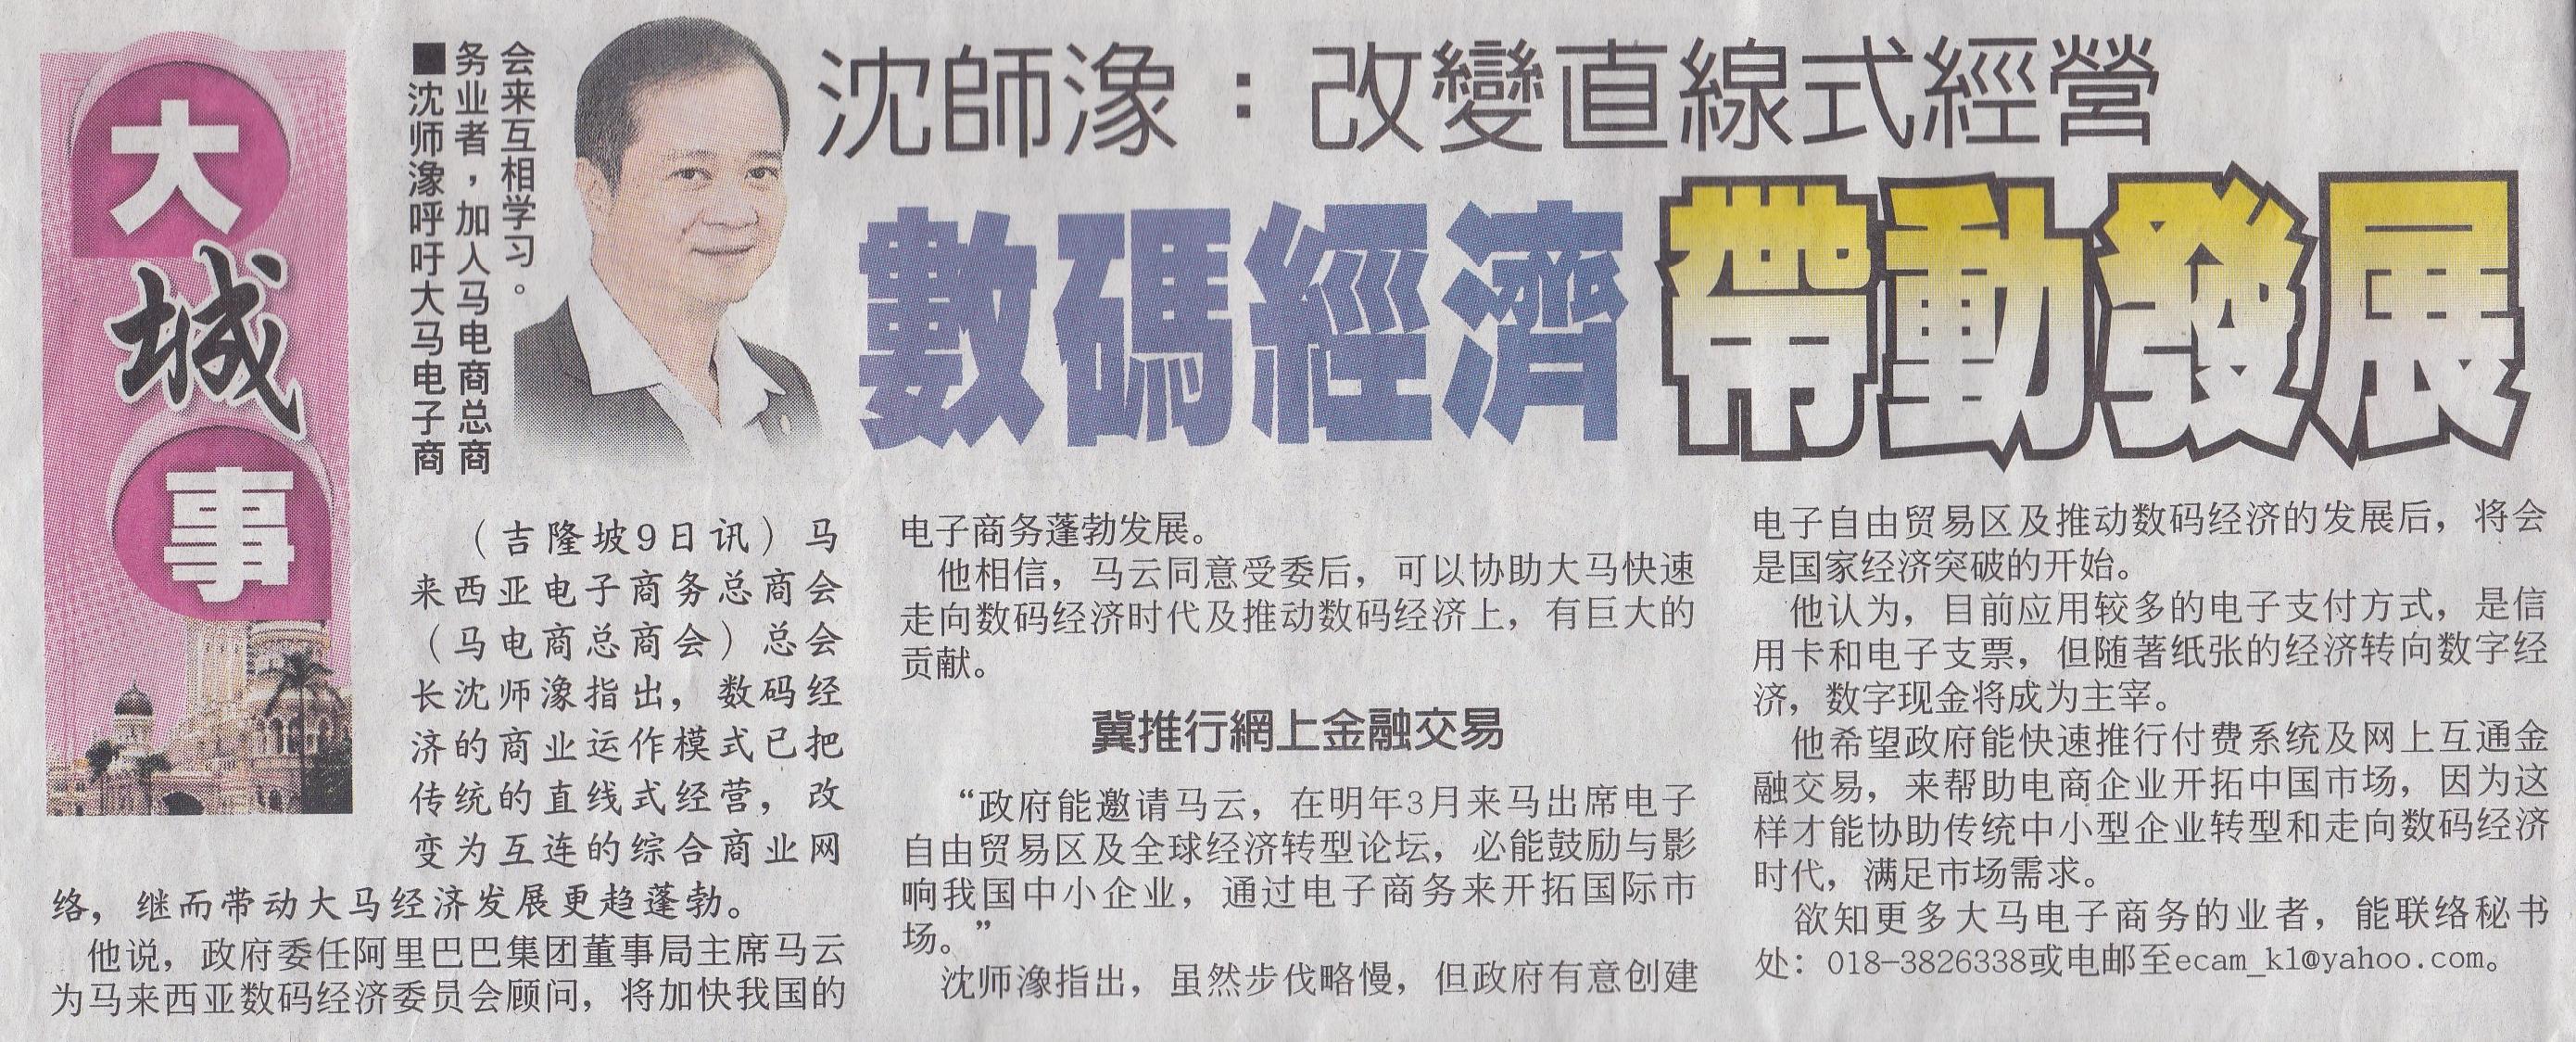 2016 年11月10日 中国报报导数码经济带动发展